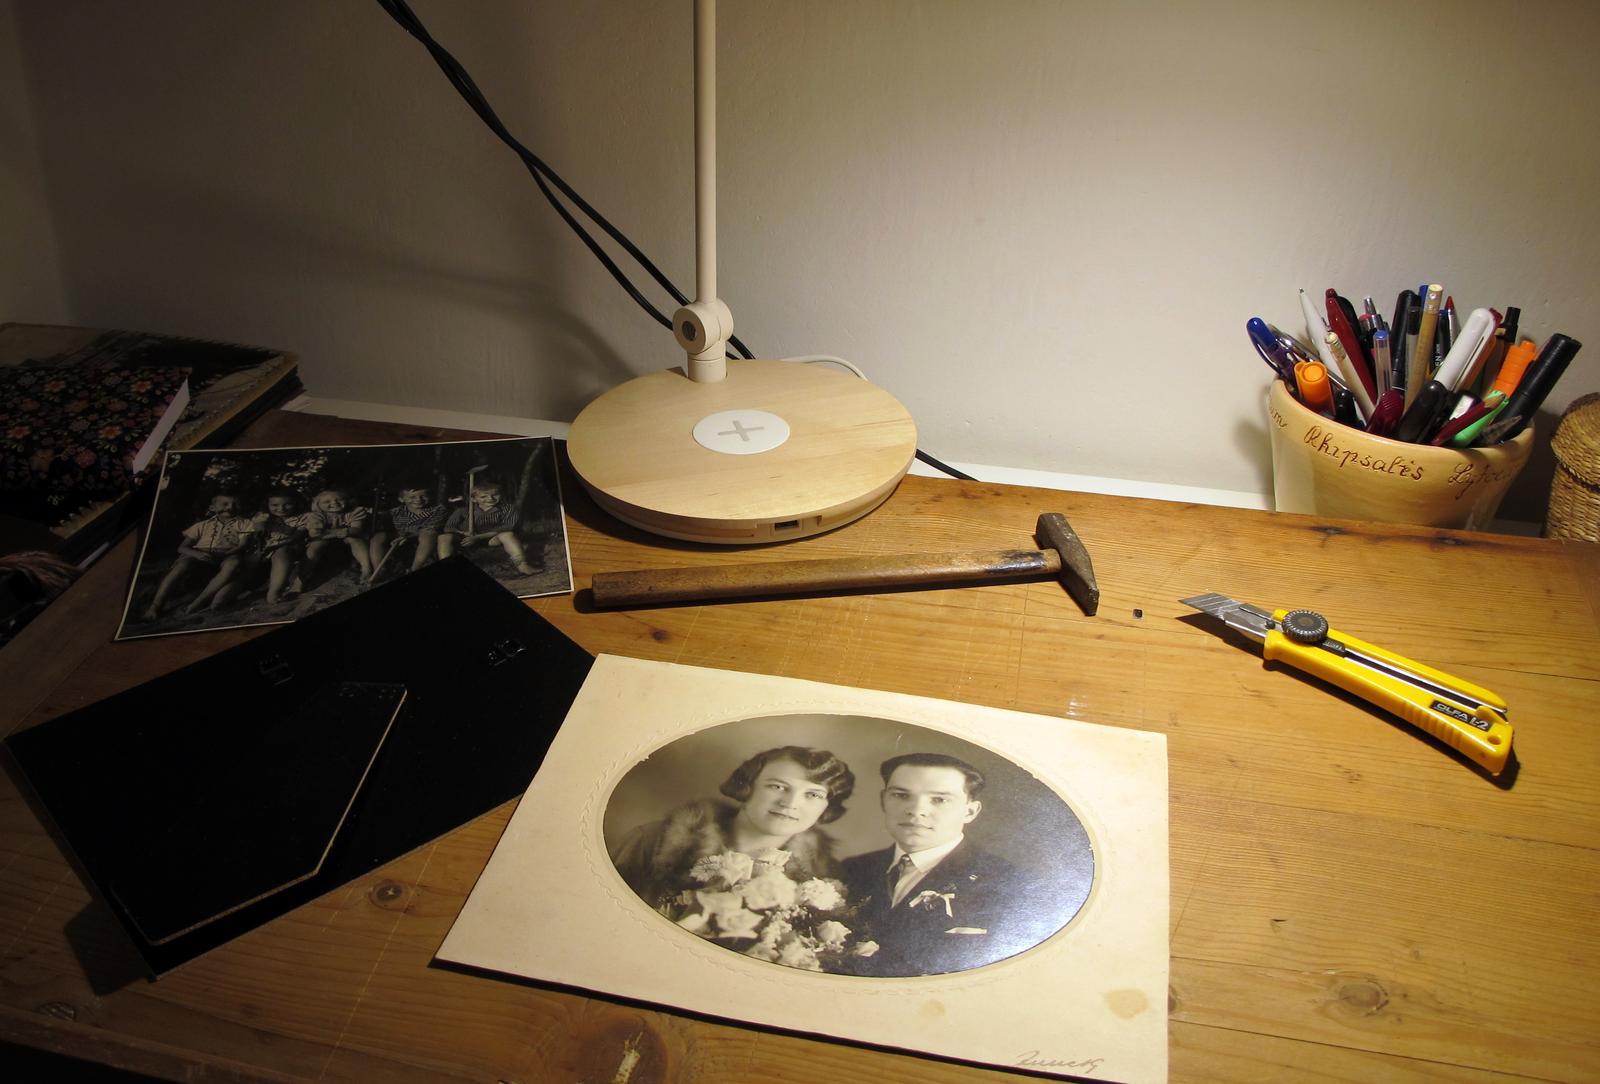 Staré věci v novém kabátě - Staré fotky jsou úžasné..budou v domácí galerii